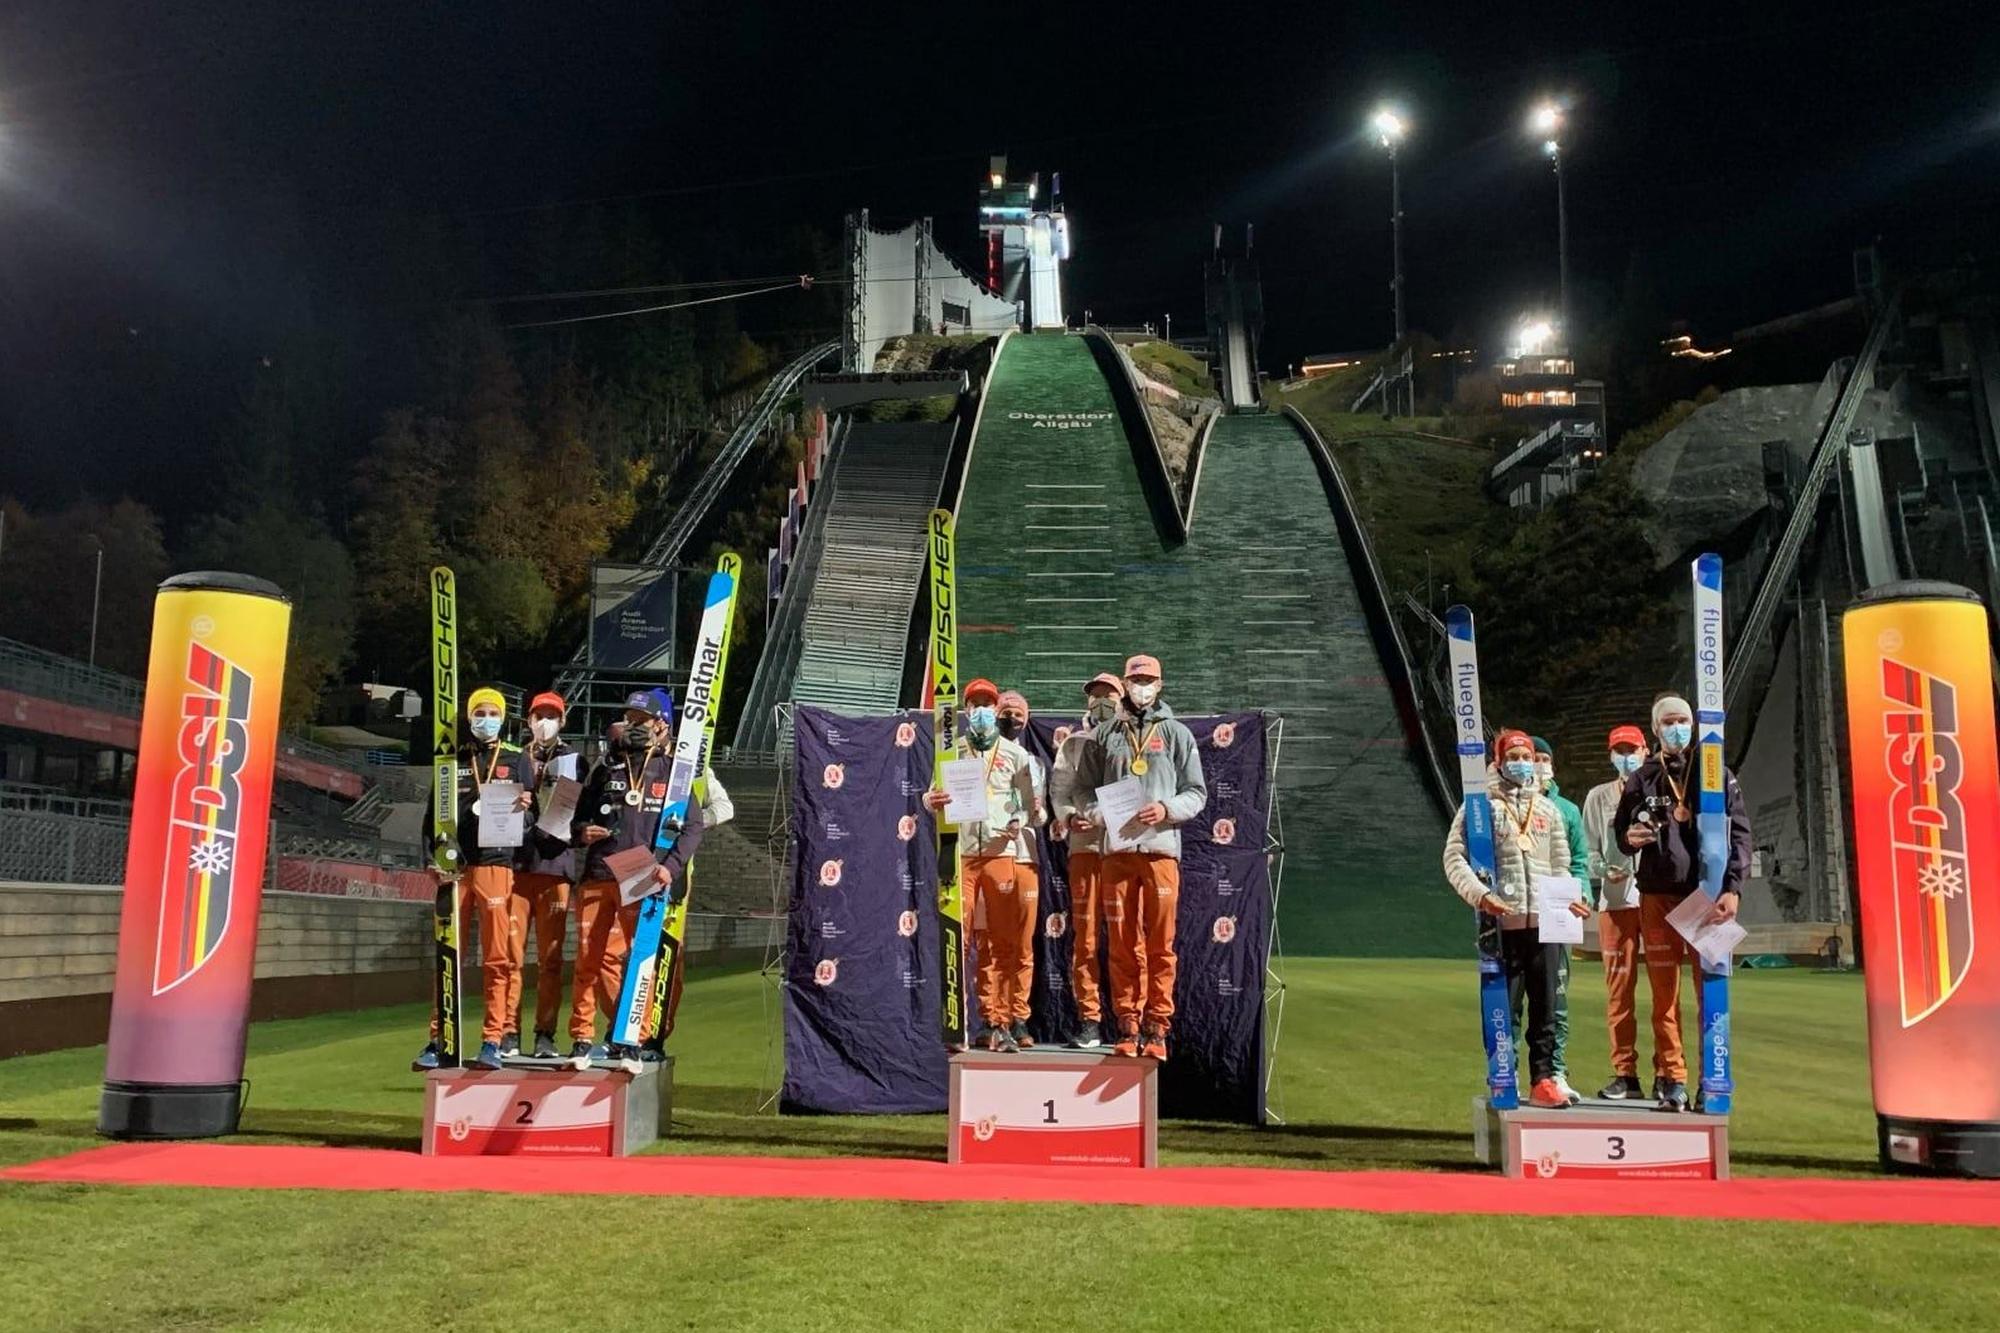 Bawarscy skoczkowie zdominowali drużynowe mistrzostwa Niemiec, popis Eisenbichlera